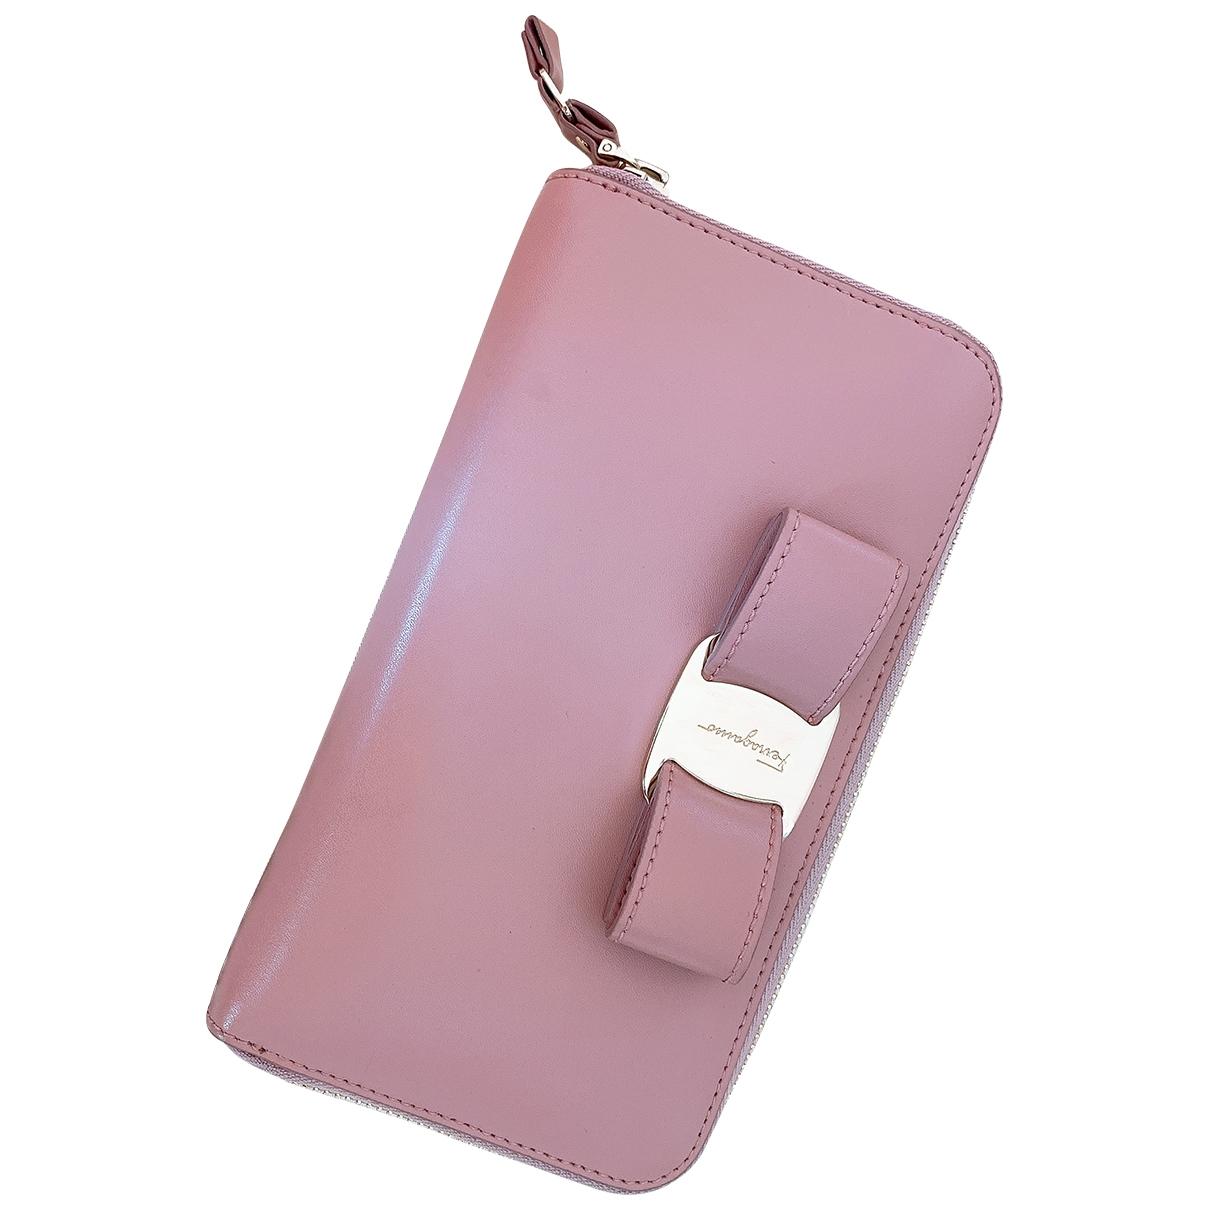 Salvatore Ferragamo - Petite maroquinerie   pour femme en cuir - rose